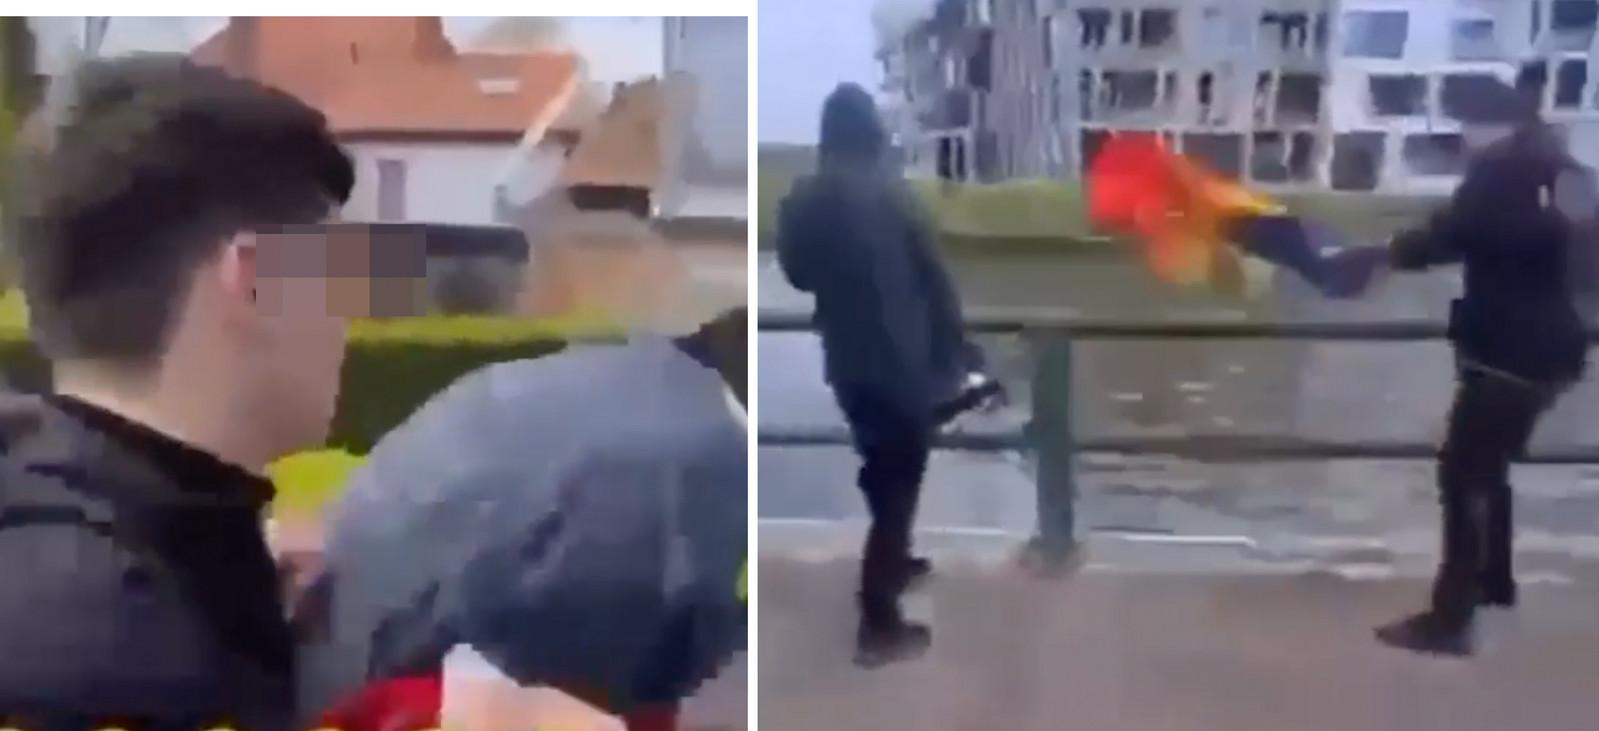 Nadat de daders de jongen hard hebben geslagen en geschopt, gooien ze een regenboogvlag in de Schelde.